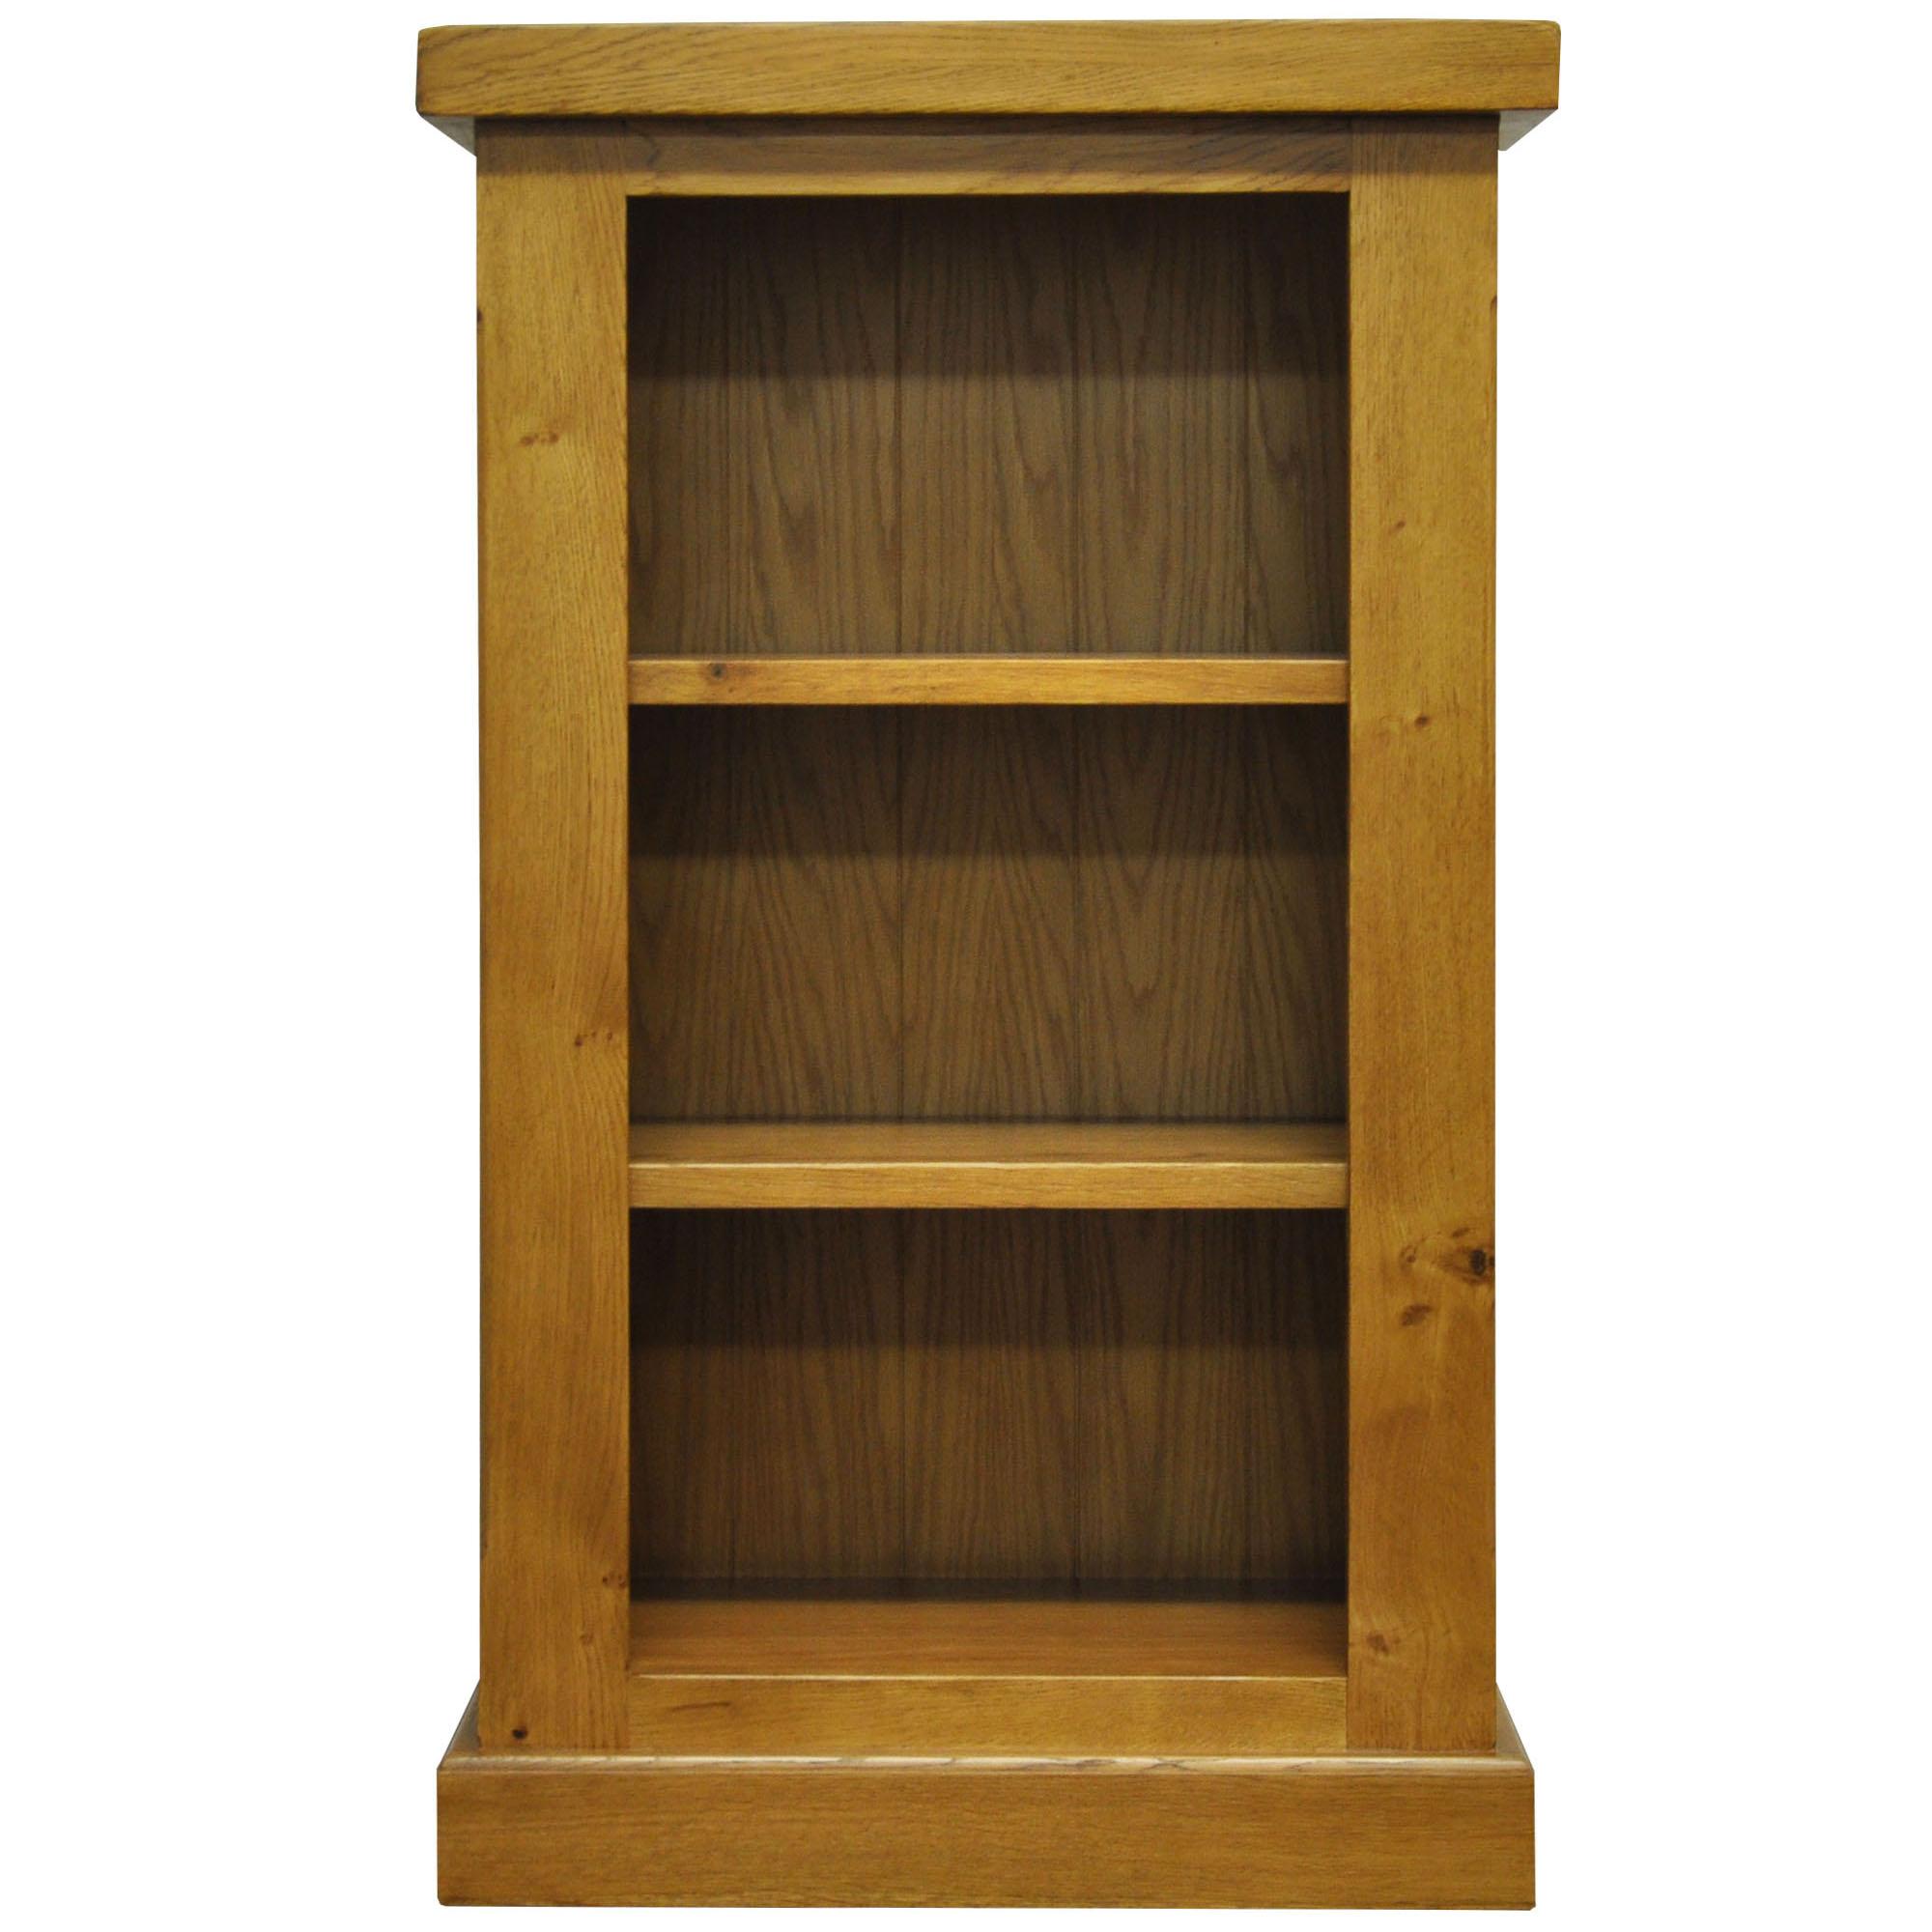 Lagano Small Narrow Bookcase